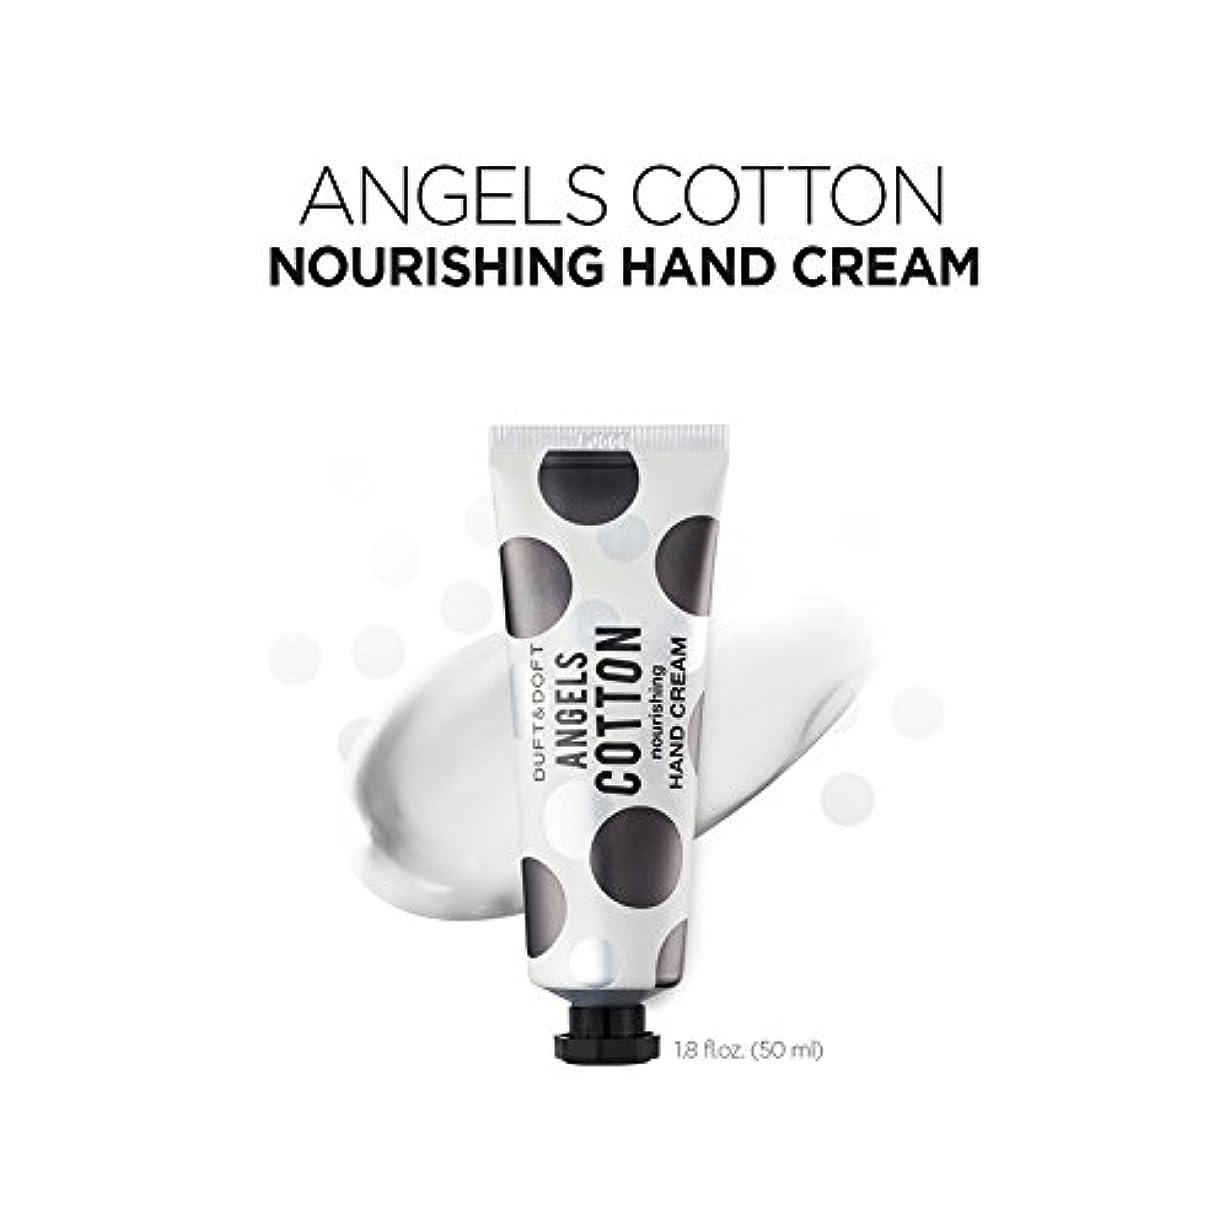 ローン批評命令的ゥフト&ドフト [DUFT&DOFT] エンジェルコットン ナリシング ハンドクリーム Angel Cotton Nourishing Hand Cream (50ml + 50ml) / 韓国製 韓国直送品